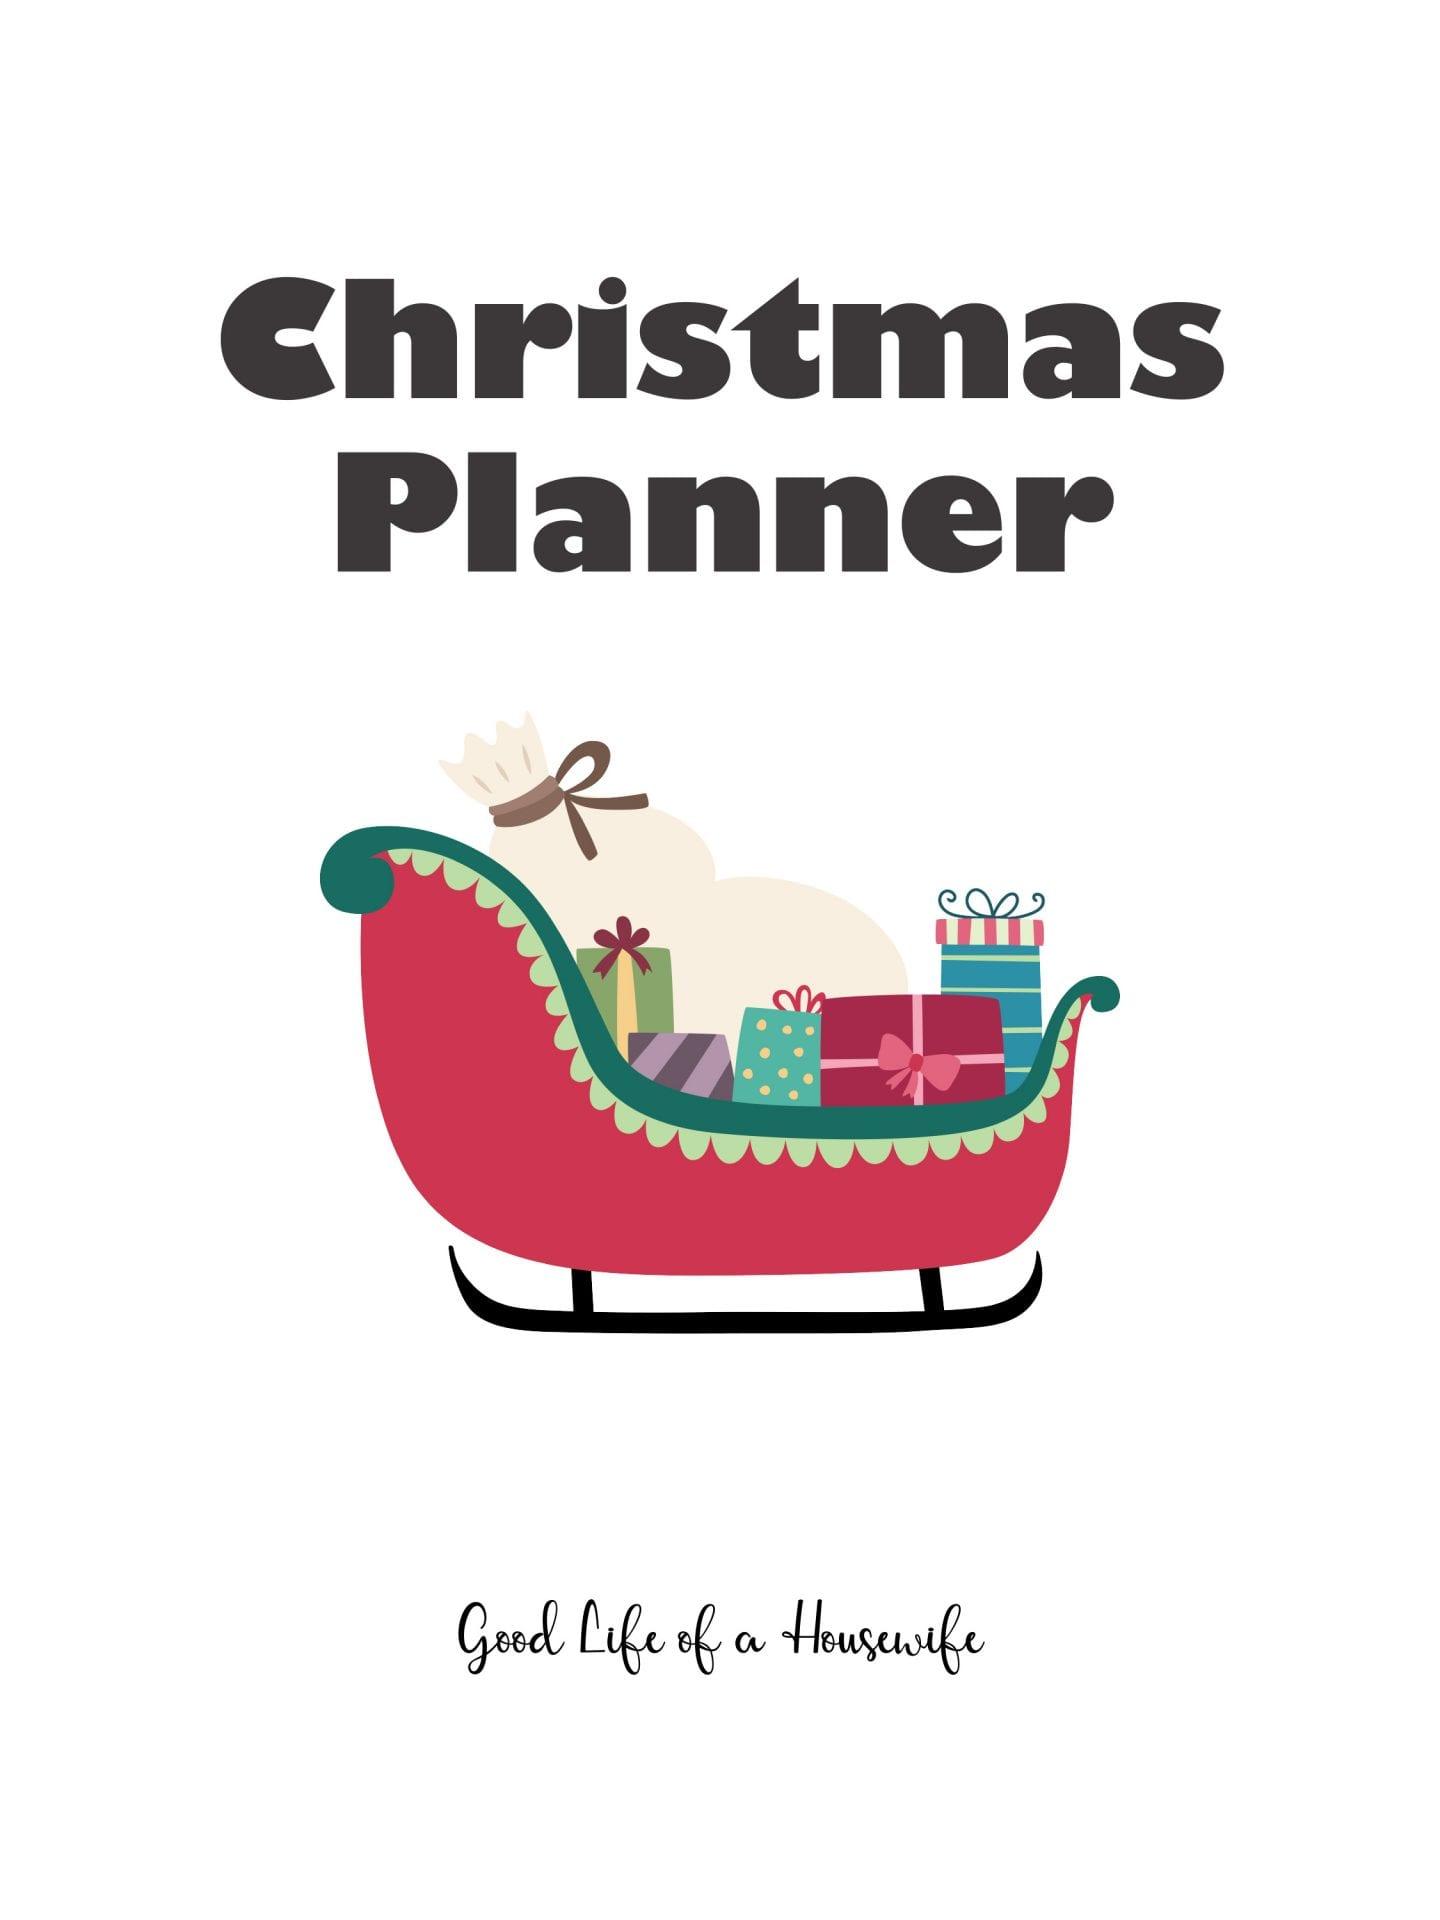 Christmas Planner Free Printable Good Life Of A